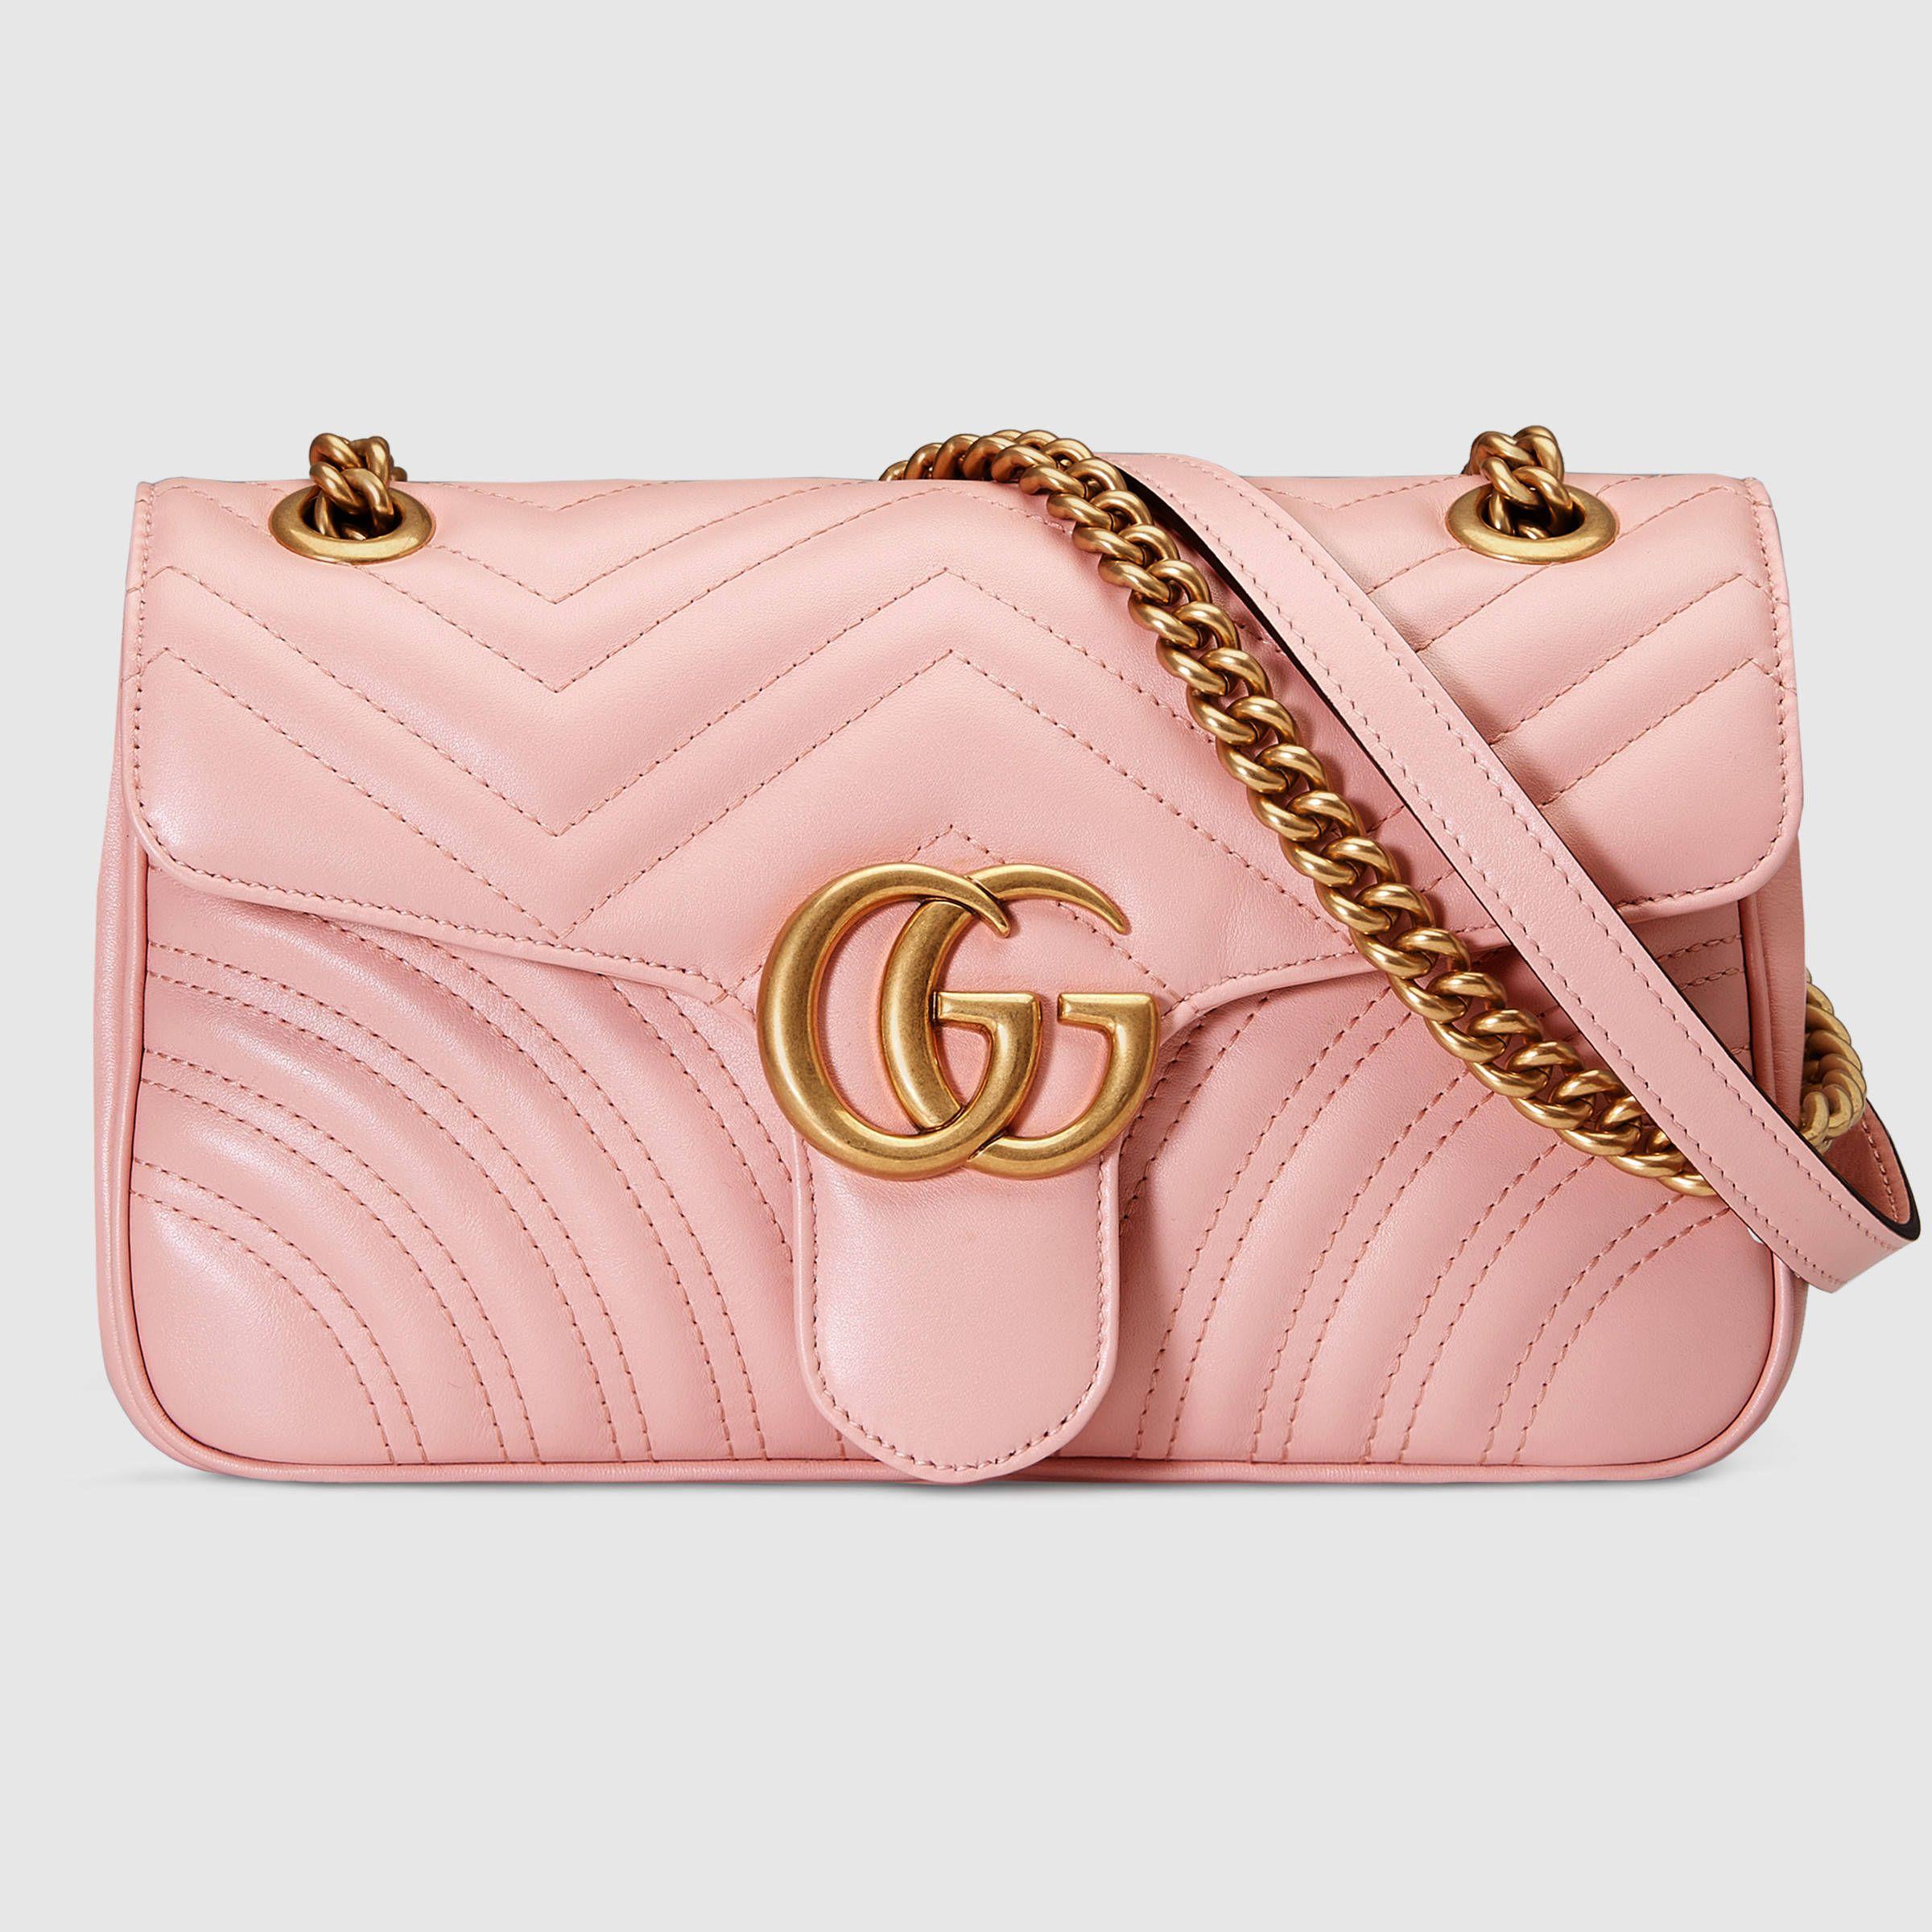 8b5a603eac4 GG Marmont matelassé shoulder bag